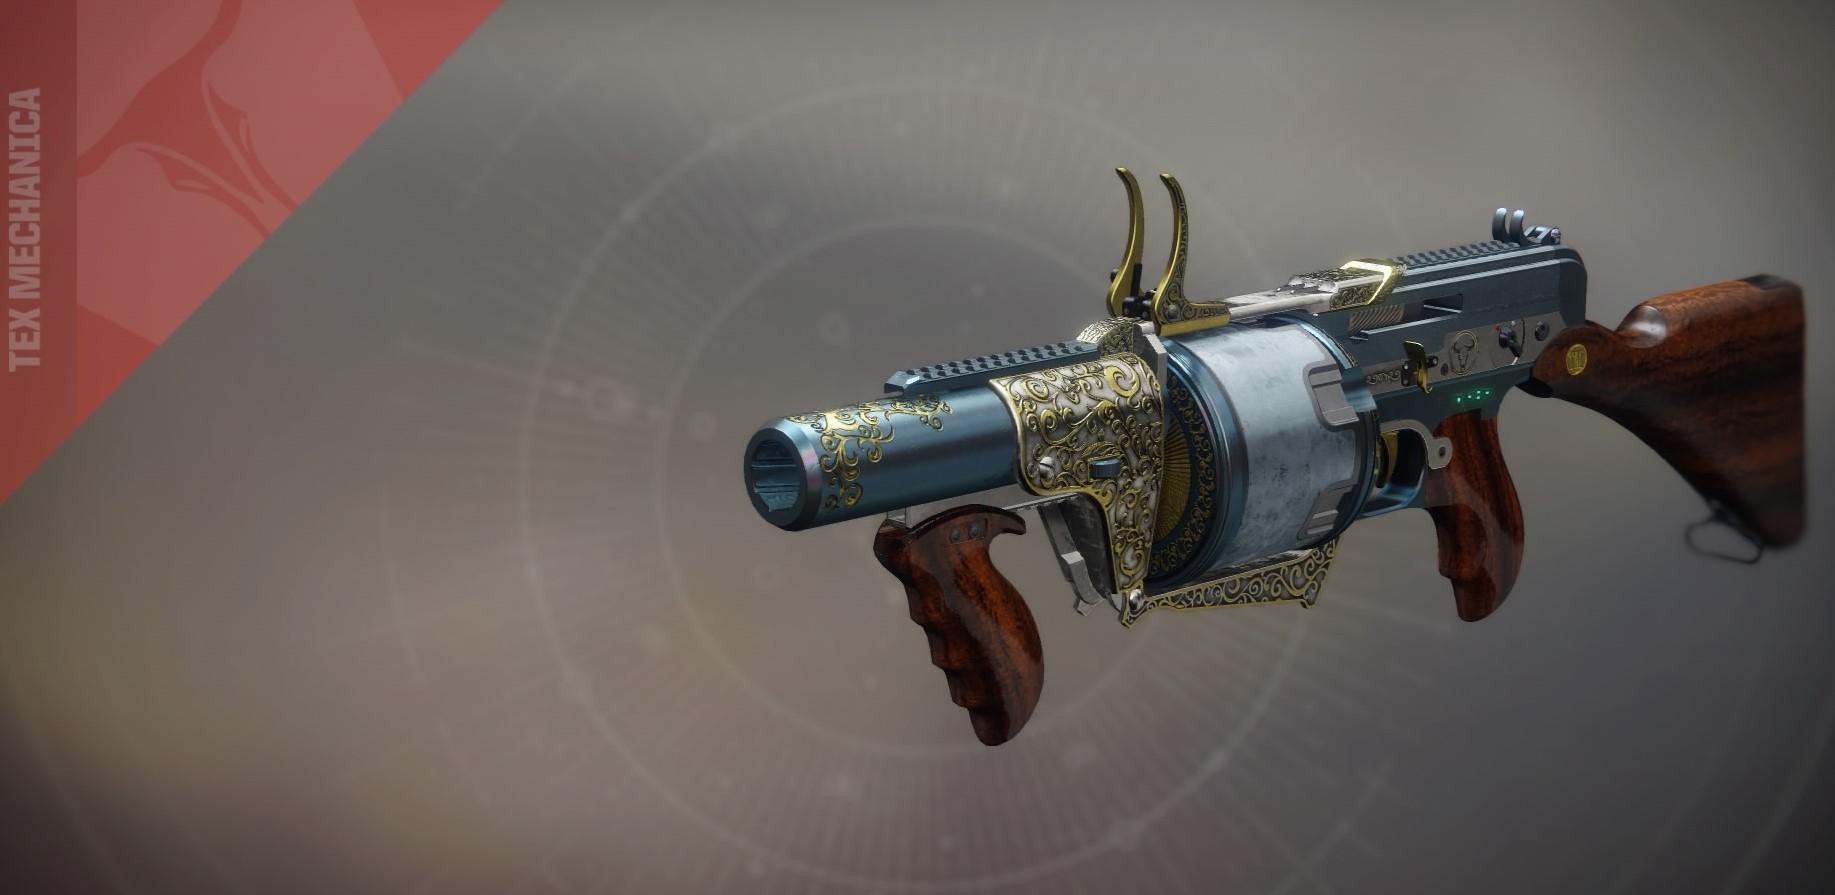 Destiny 2: Der Prospektor – Lohnt sich der edle Granatenwerfer?